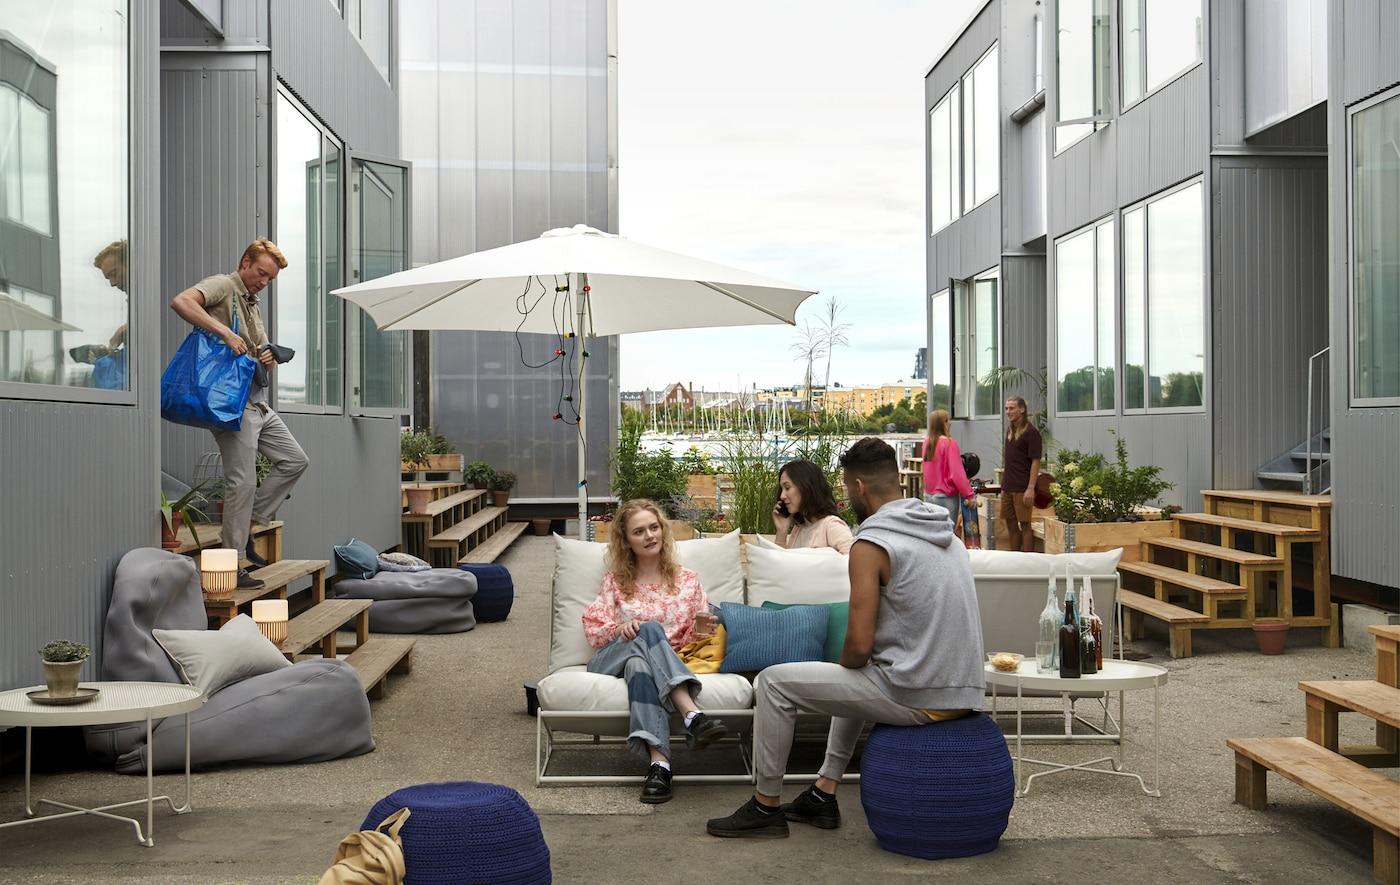 Osobe sjede na sofama i podnim jastucima u prostoru na otvorenom uz suncobran i pomoćne stolove između kontejnera za transport.